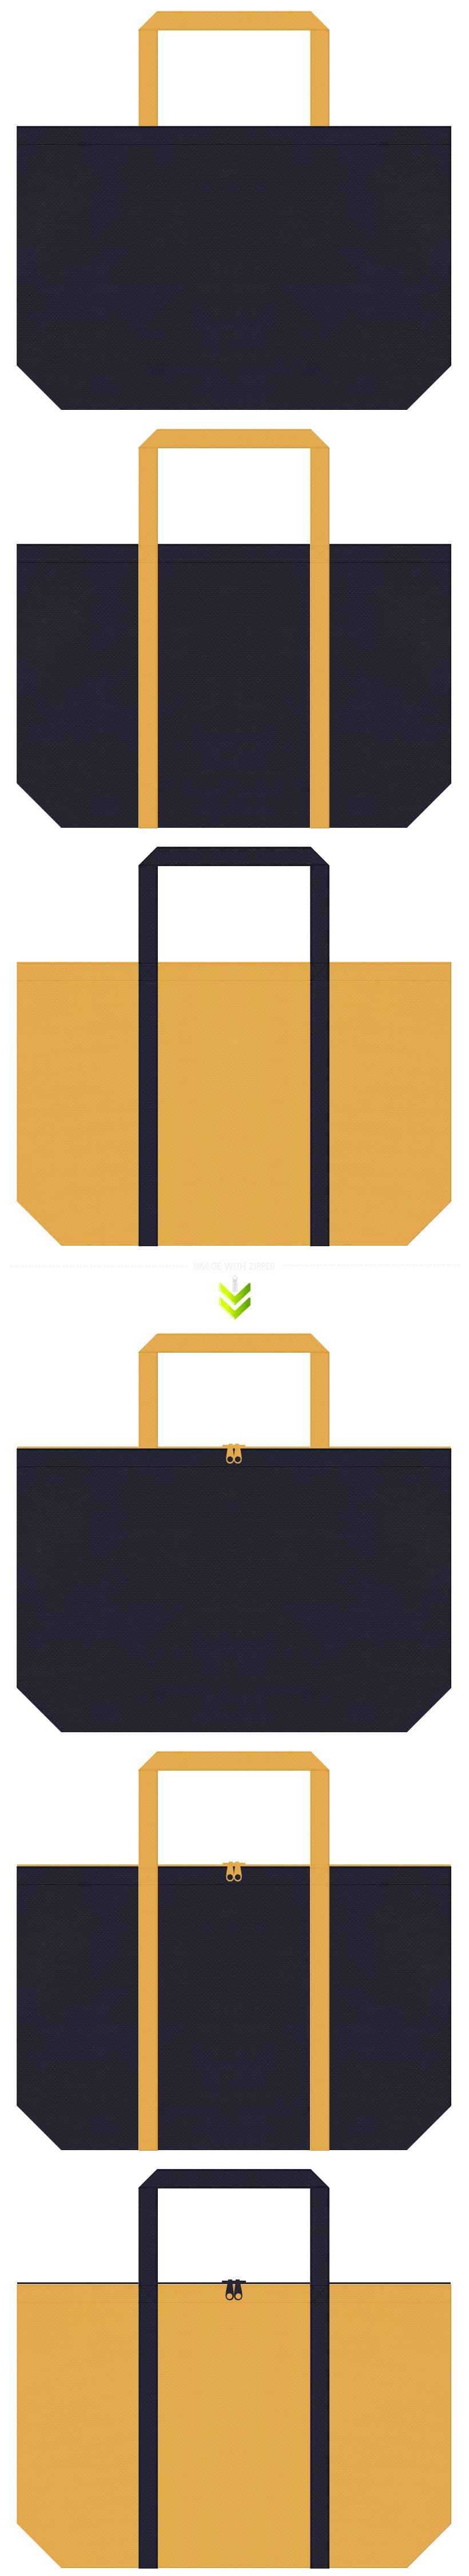 濃紺色と黄土色の不織布エコバッグのデザイン。インディゴデニムのイメージで、カジュアルのショッピングバッグにお奨めです。